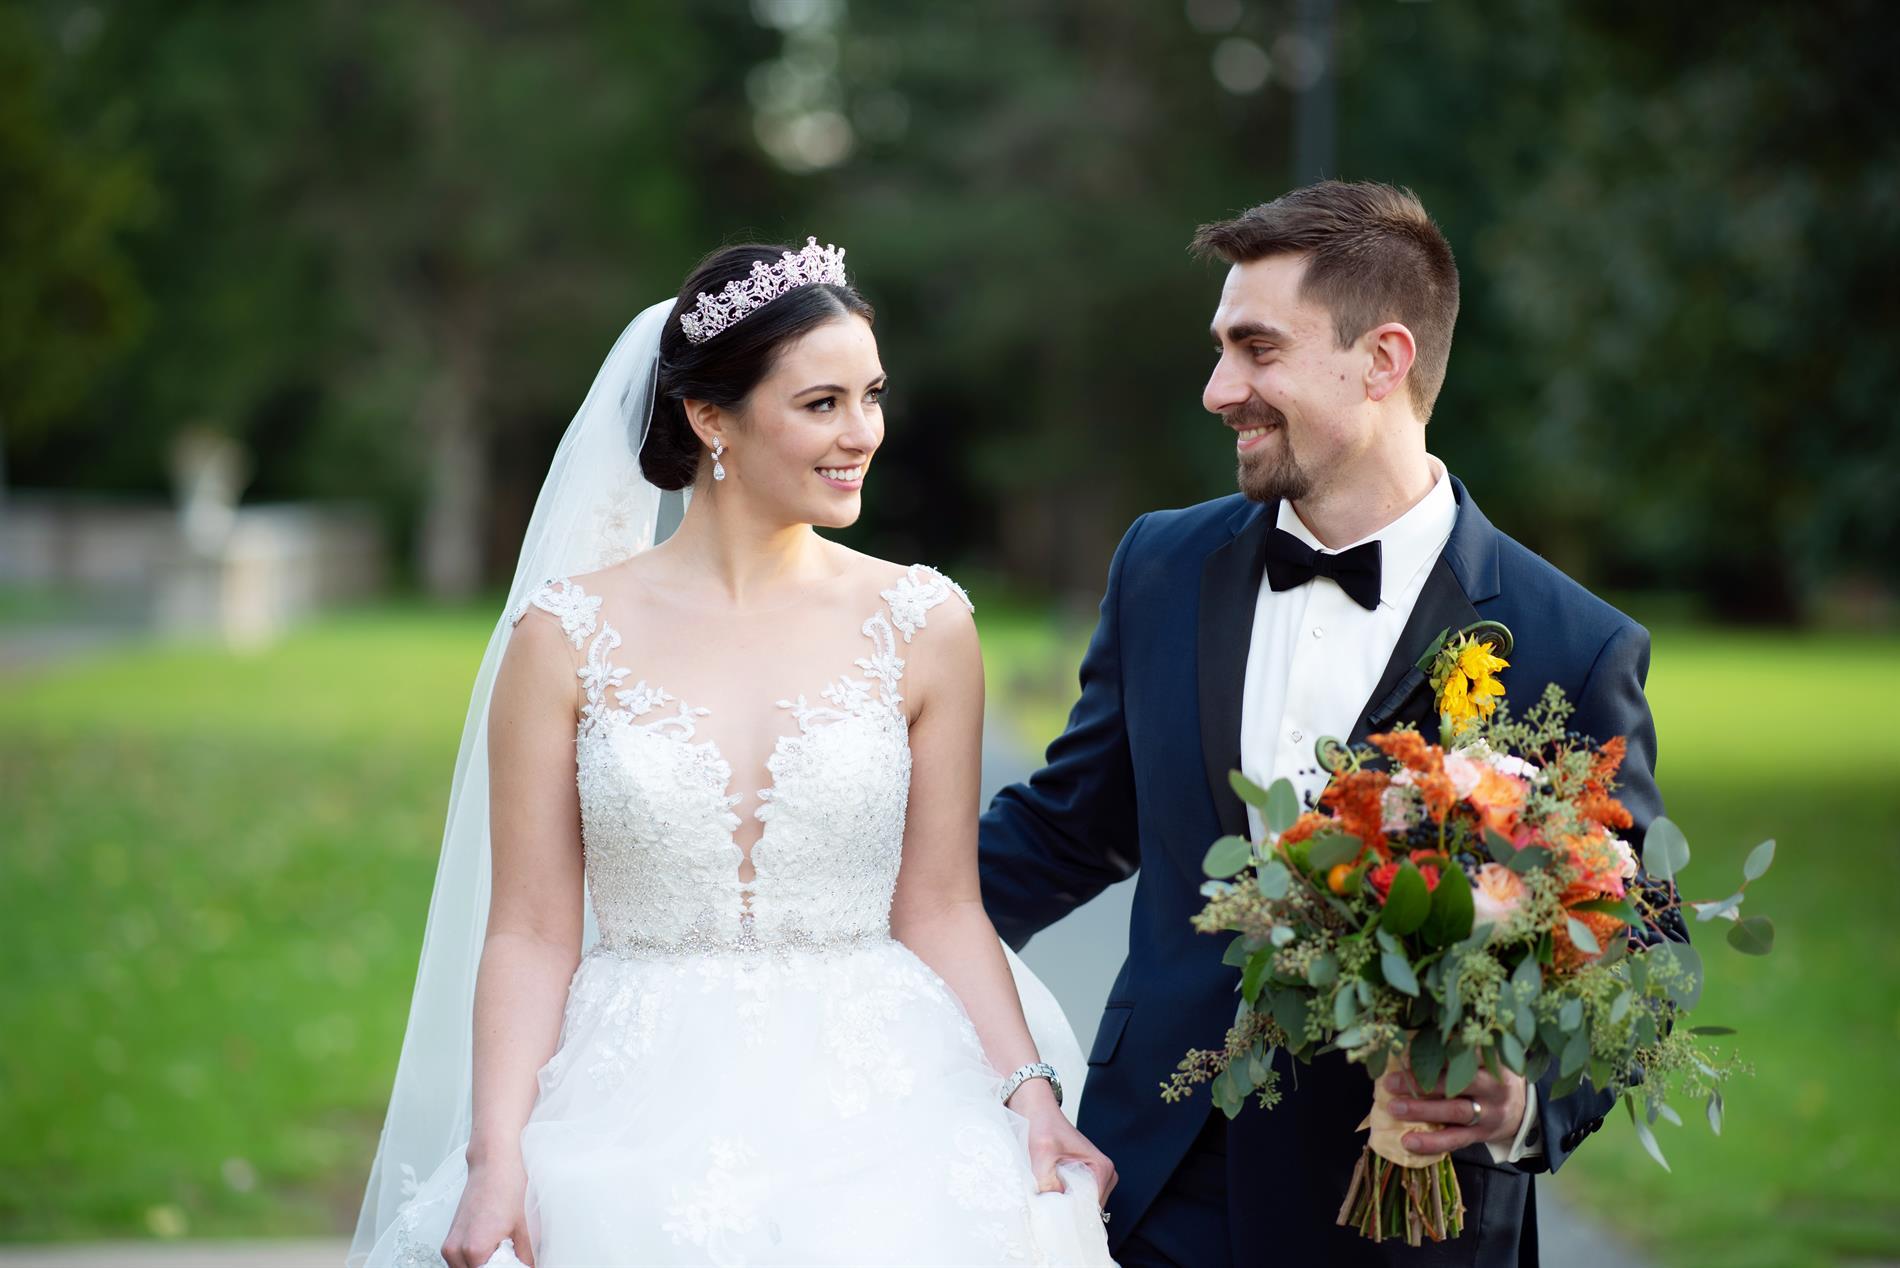 Veronica & Jason Wedding Photos